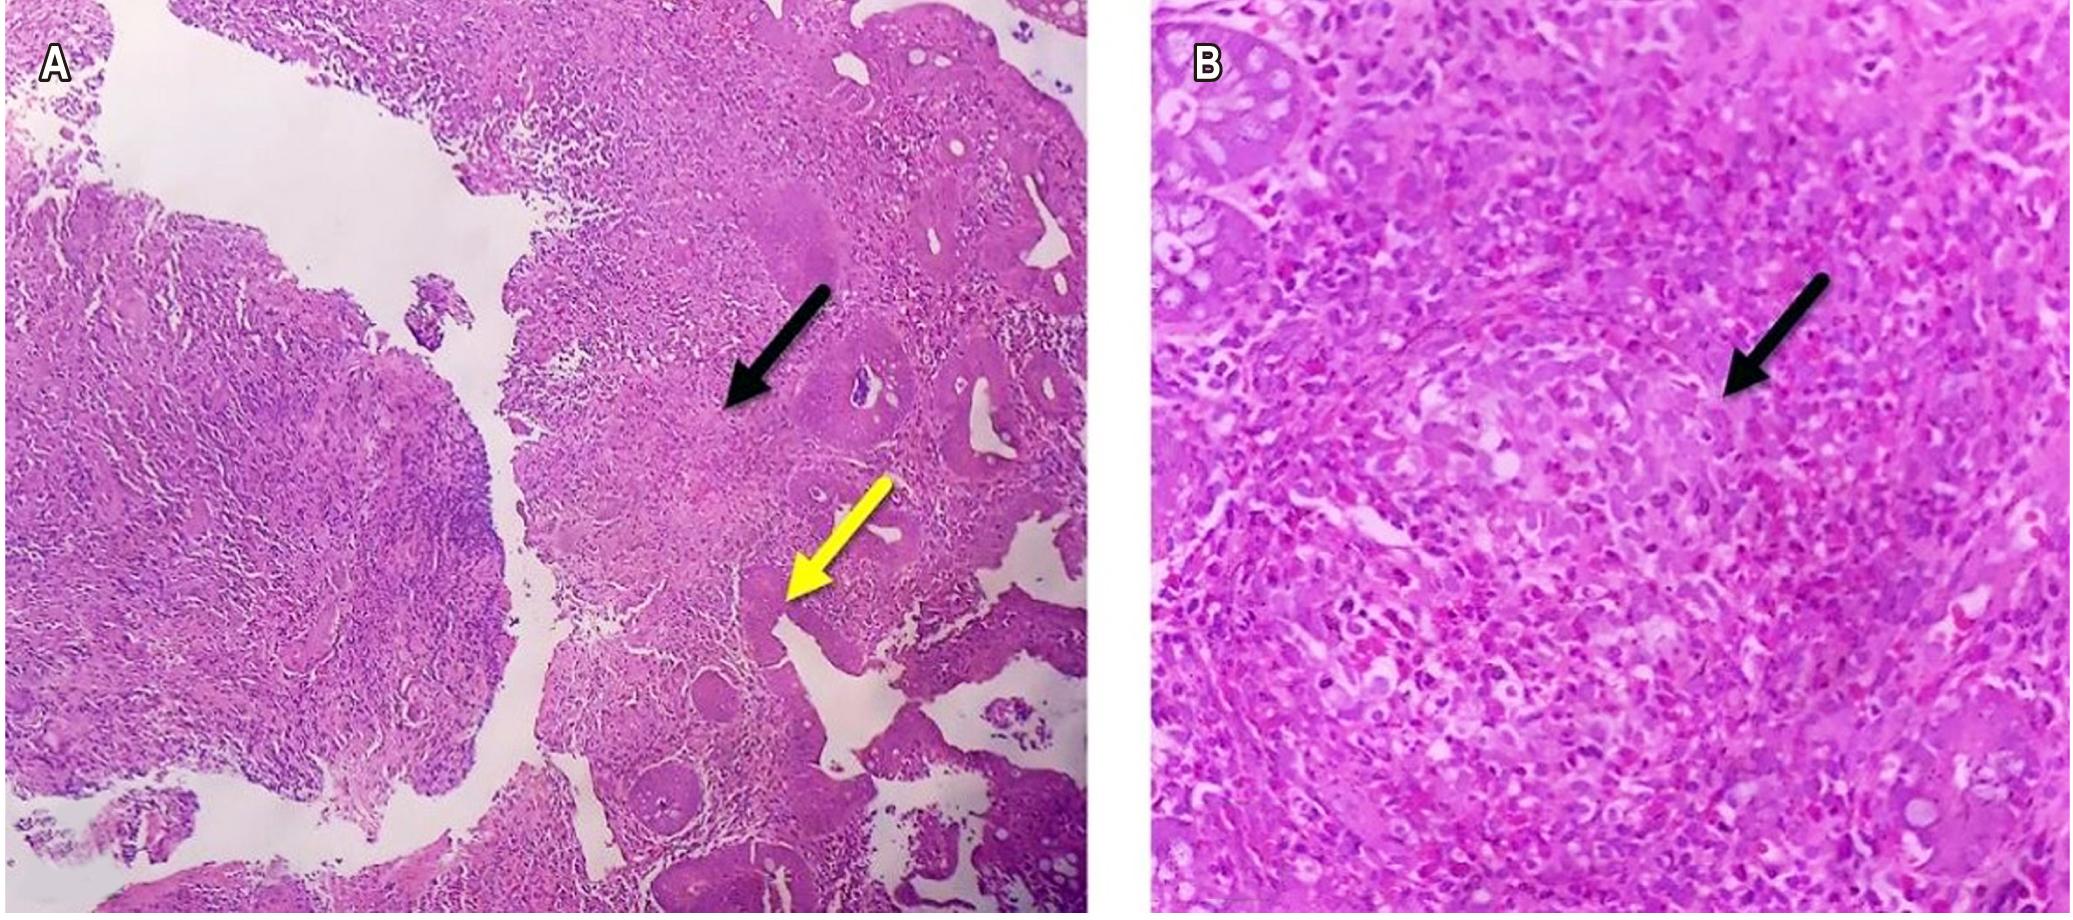 Figura 1. A. Estudio histopatológico de mucosa colónica, con tinción de hematoxilina eosina, resolución 4X, donde se observan erosiones superficiales en la mucosa, fibrina y detritus celulares (flecha amarilla) y formación de granuloma no caseificante (flecha negra). B. Estudio histopatológico de lámina propia, resolución 40X, con presencia de granuloma no caseificante (flecha negra), asociado con un aumento en el número de células inflamatorias tipo linfocitos, plasmocitos, polimorfonucleares neutrófilos y eosinófilos, que permean el epitelio glandular. No se observan cambios displásicos